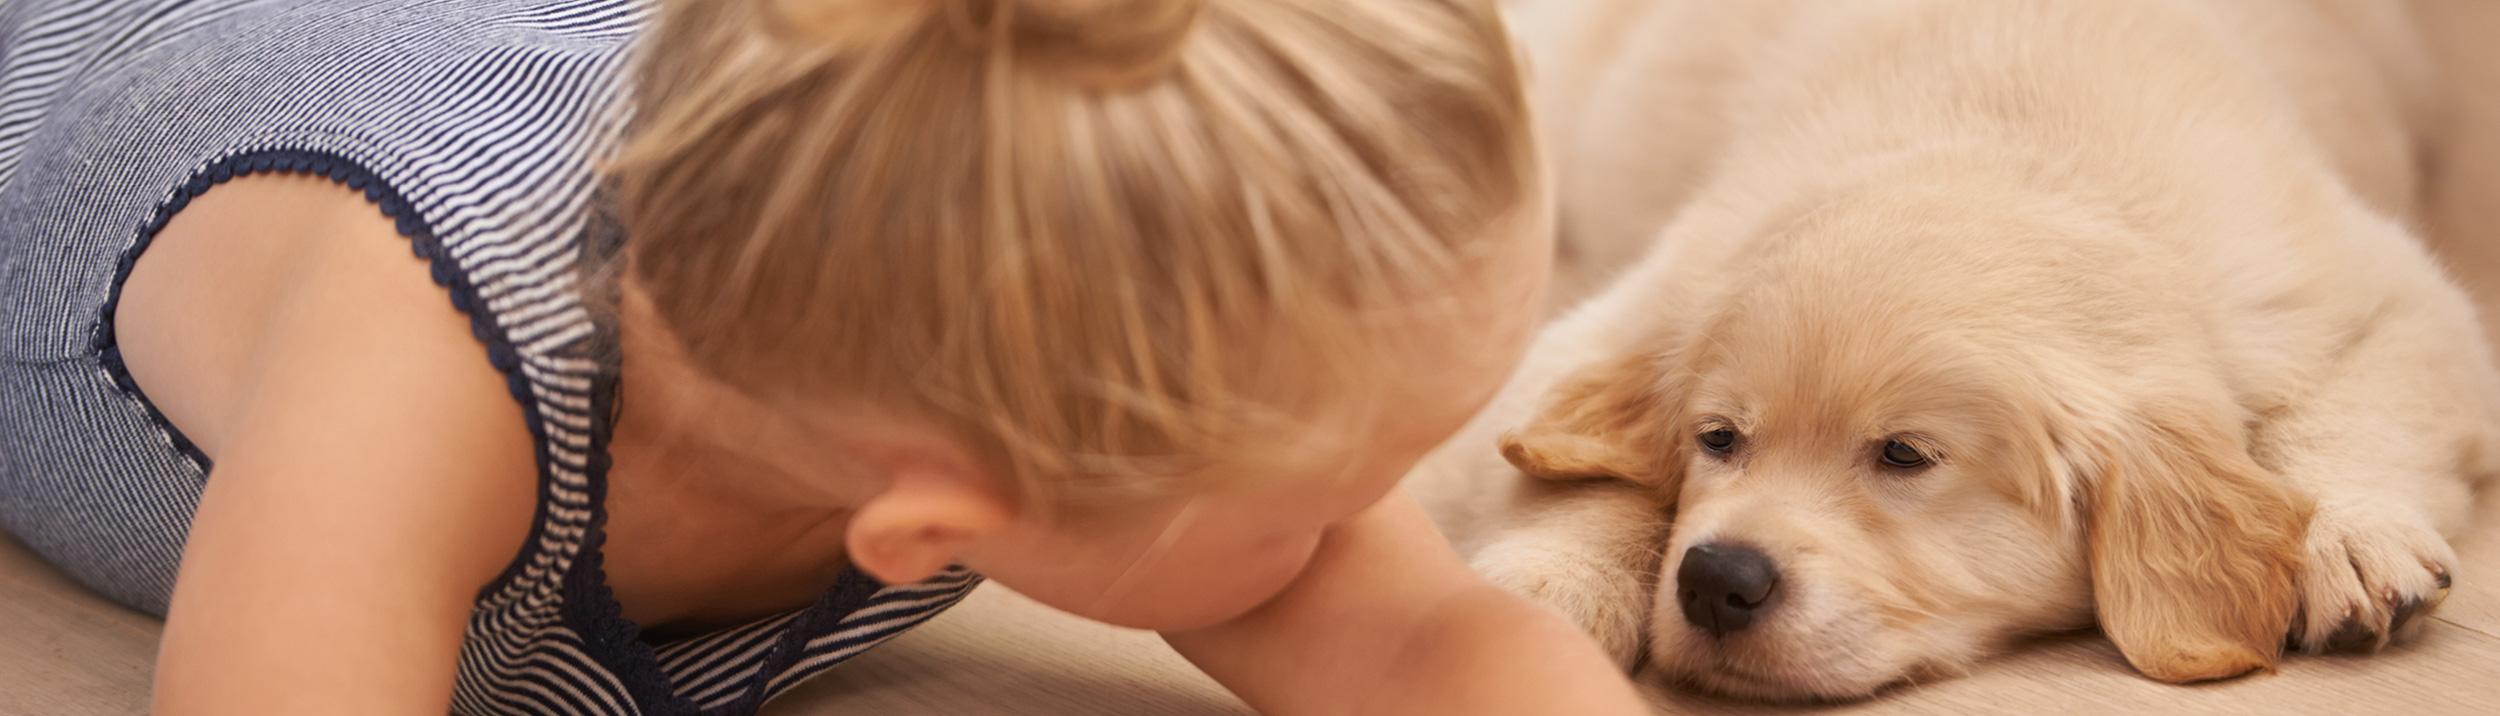 Junger Hund und kleines Mädchen liegen am Boden. Fussbodenheizungen der Firma Haesler AG, machen Ihren Fussboden gemütlich.